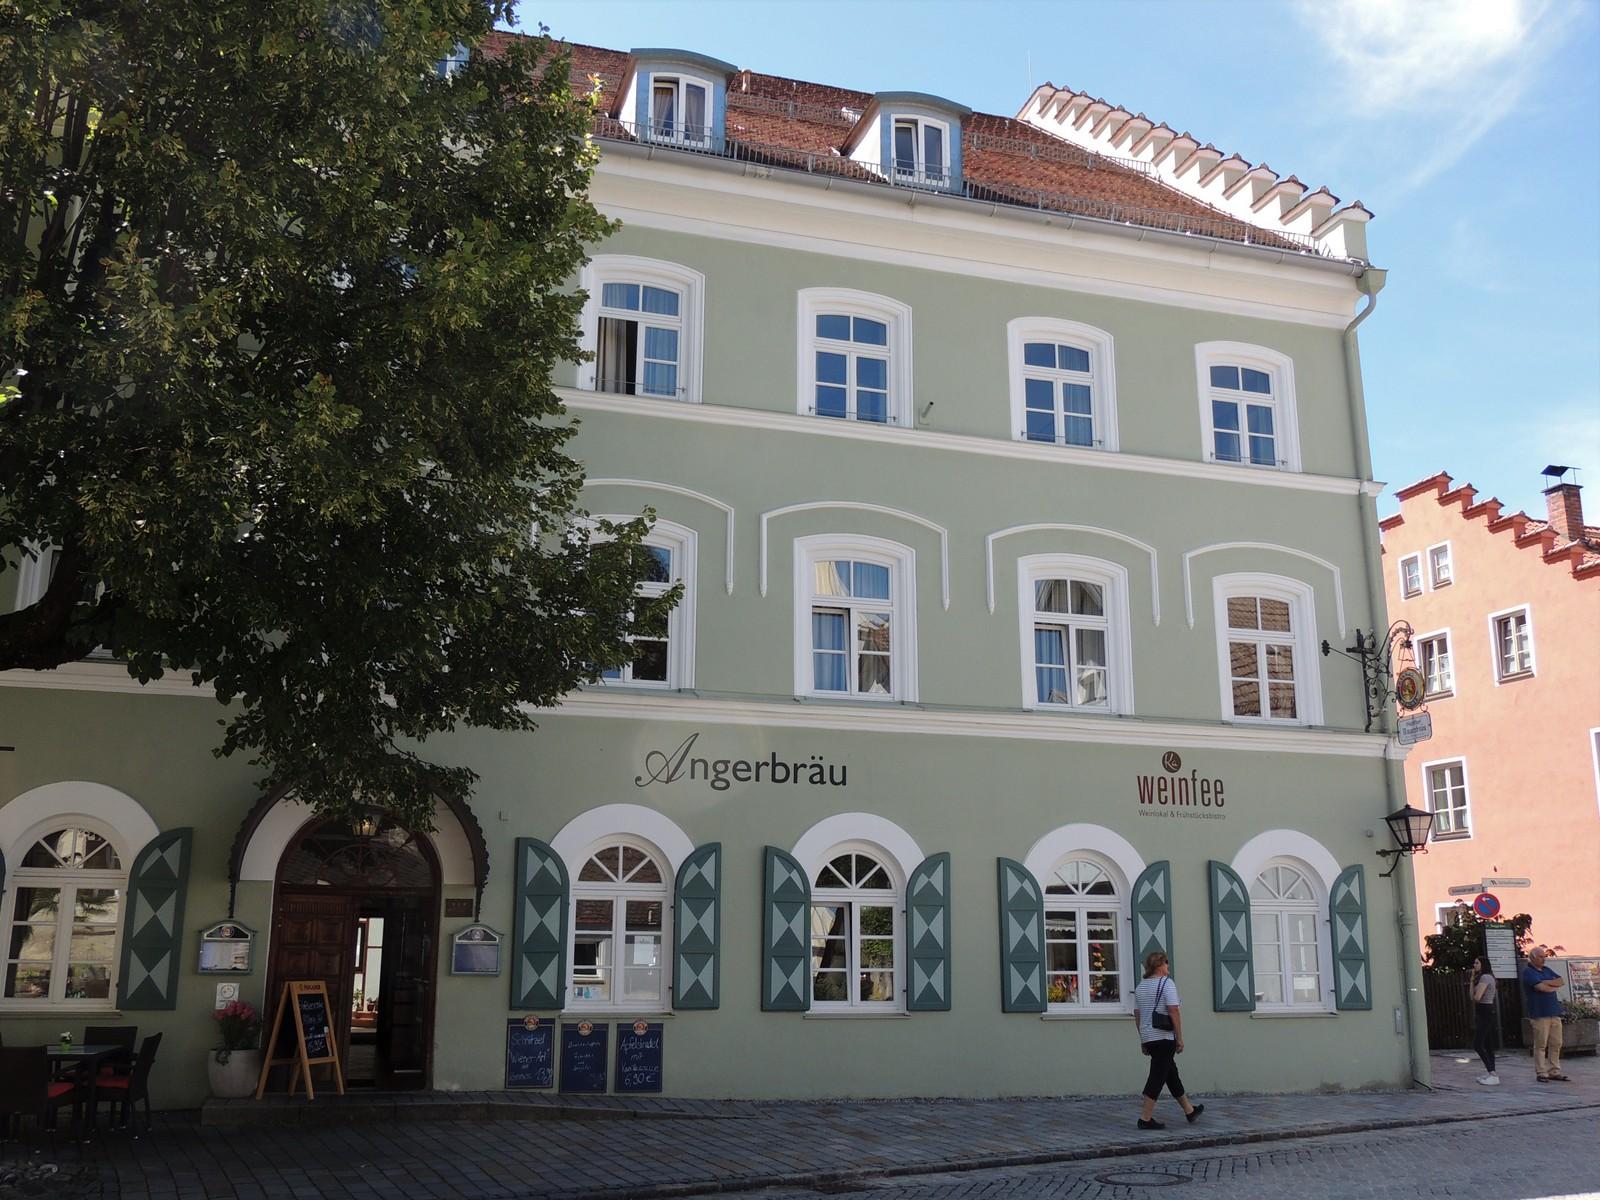 Das Blaue Land - Hotel Angerbräu - Murnau - Untermarkt 44